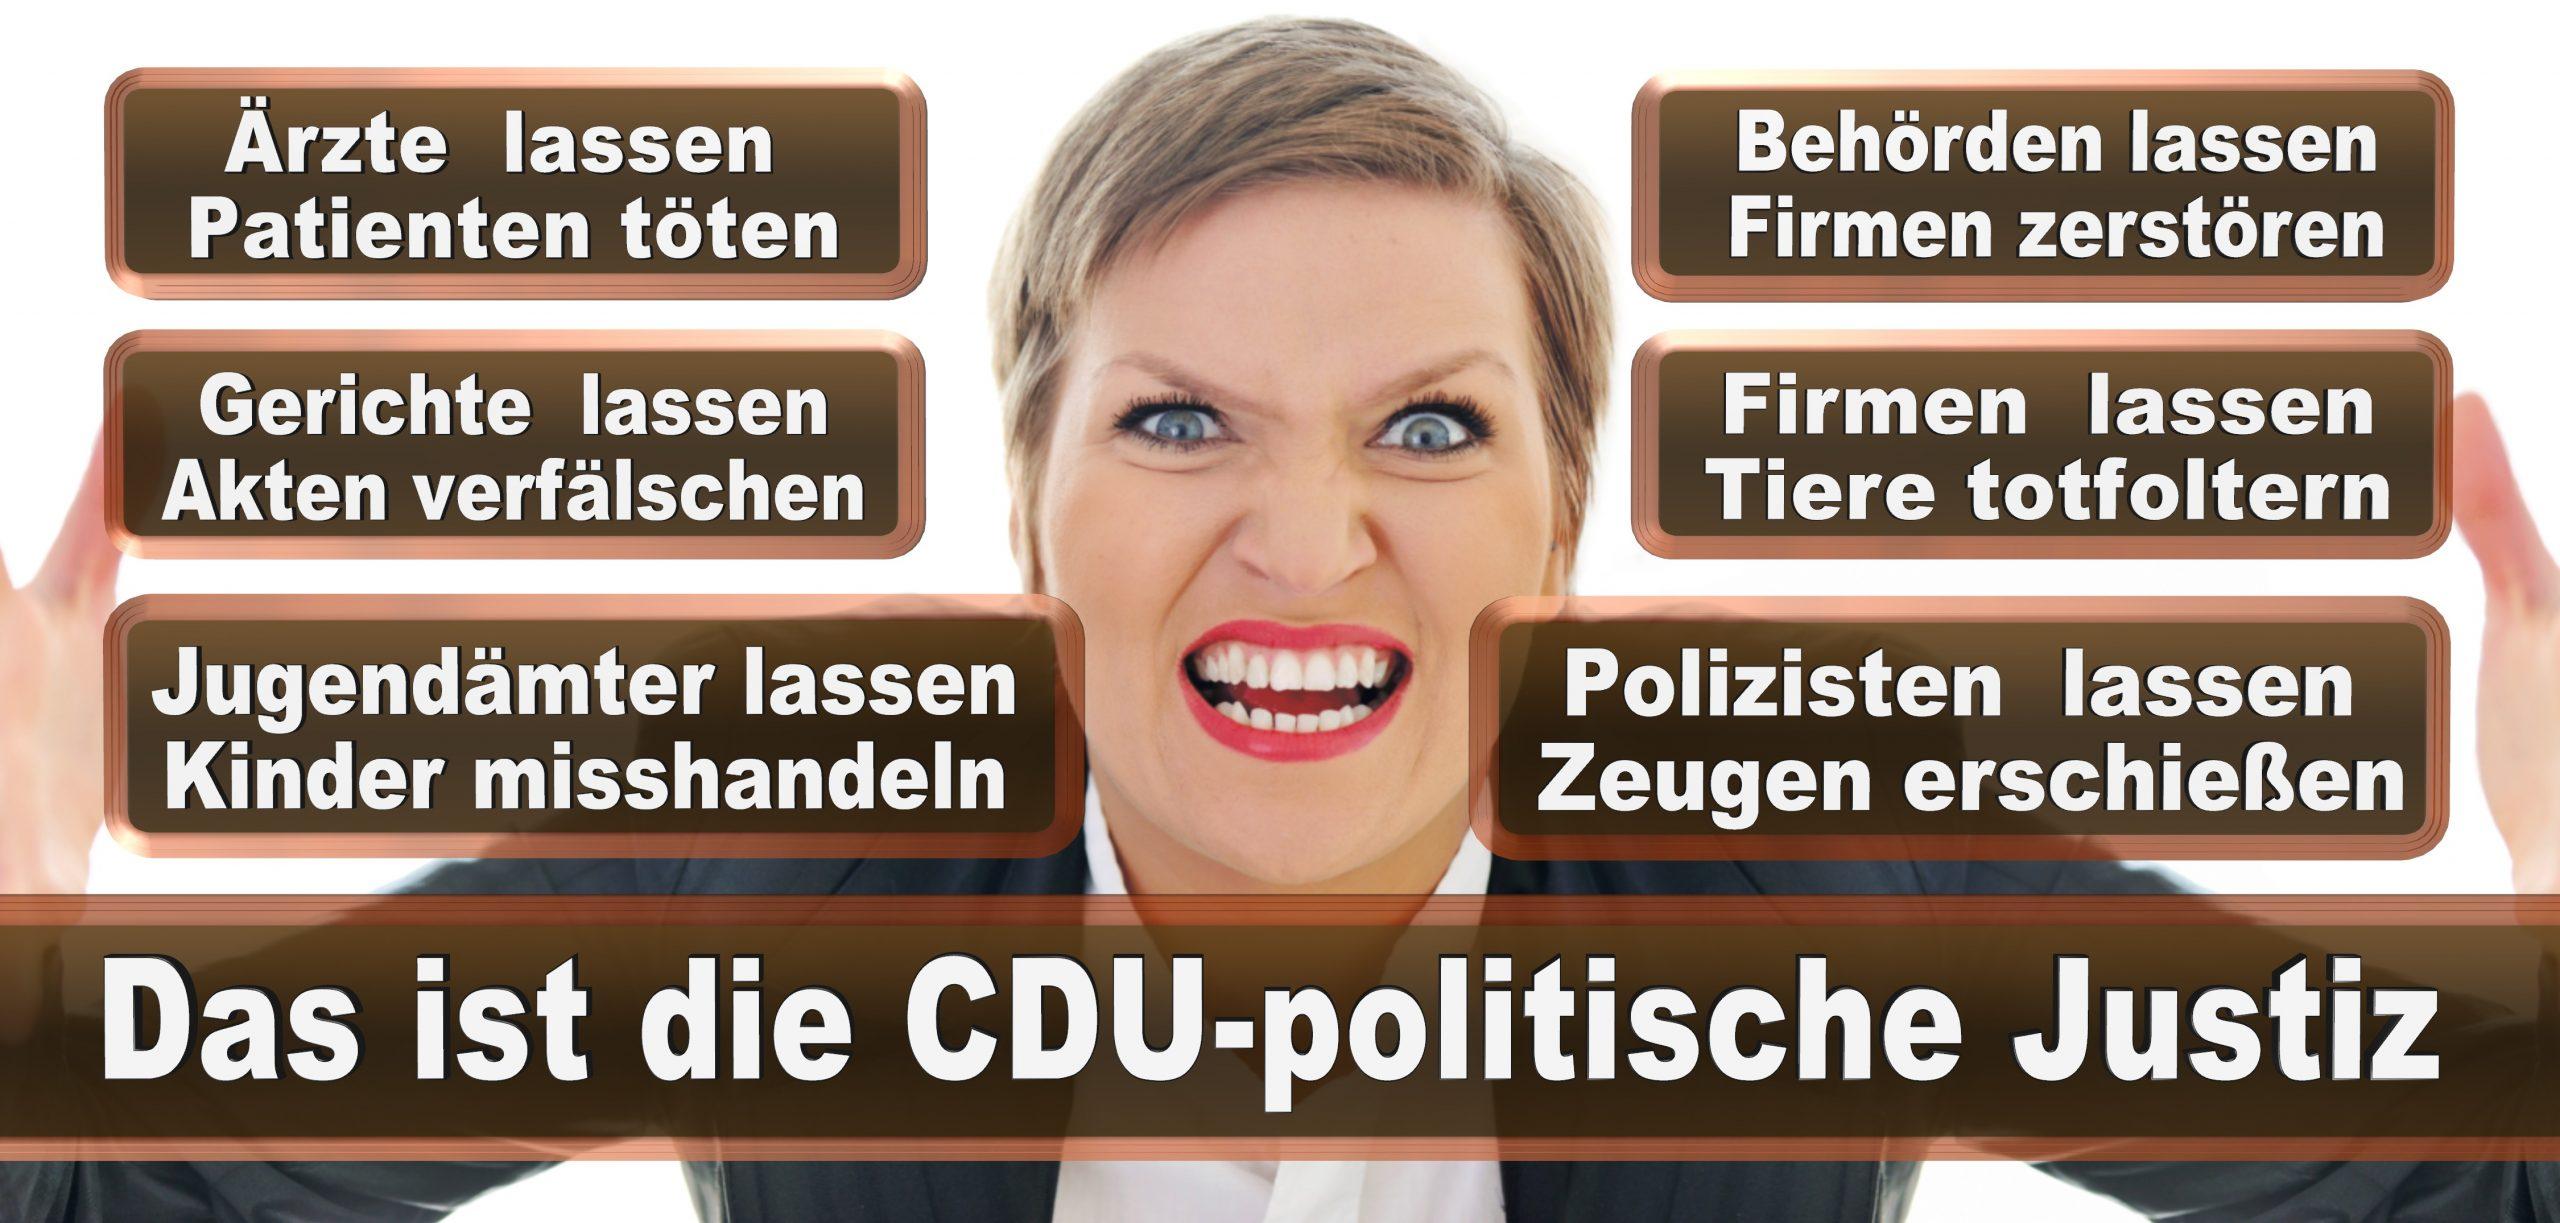 Bundestagswahl 2021 Wahlplakate CDU SPD FDP AFD Grüne Linke Stimmzettel Prognose Umfrage Kandidaten Parteien Datum (70)